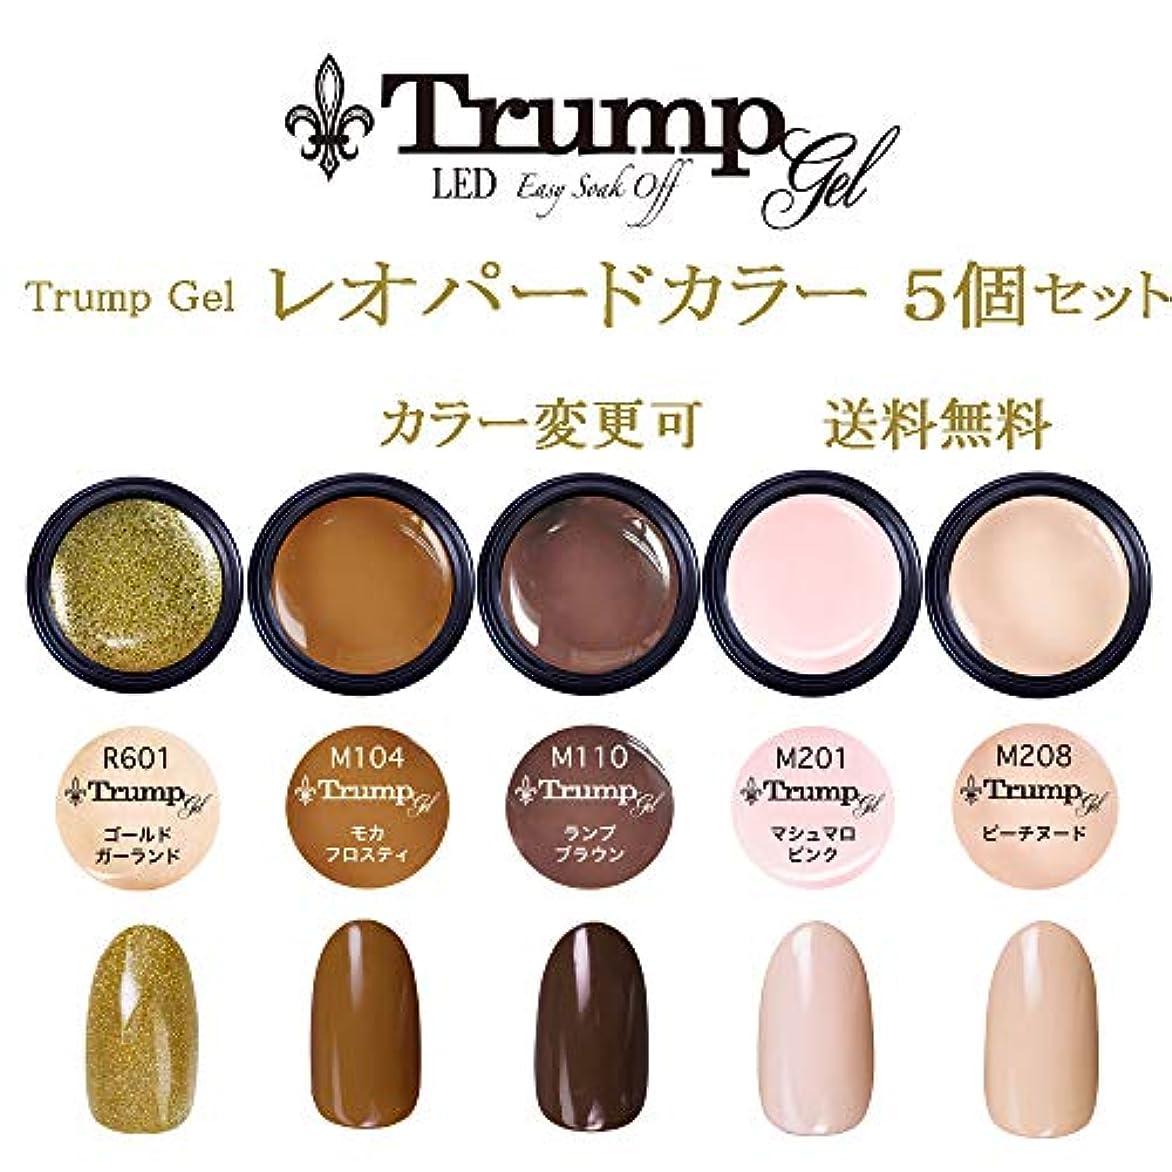 すべき体系的にベッドを作る【送料無料】日本製 Trump gel トランプジェル レオパードカラー 選べる カラージェル 5個セット アニマル ベージュ ブラウン ホワイト ラメ カラー